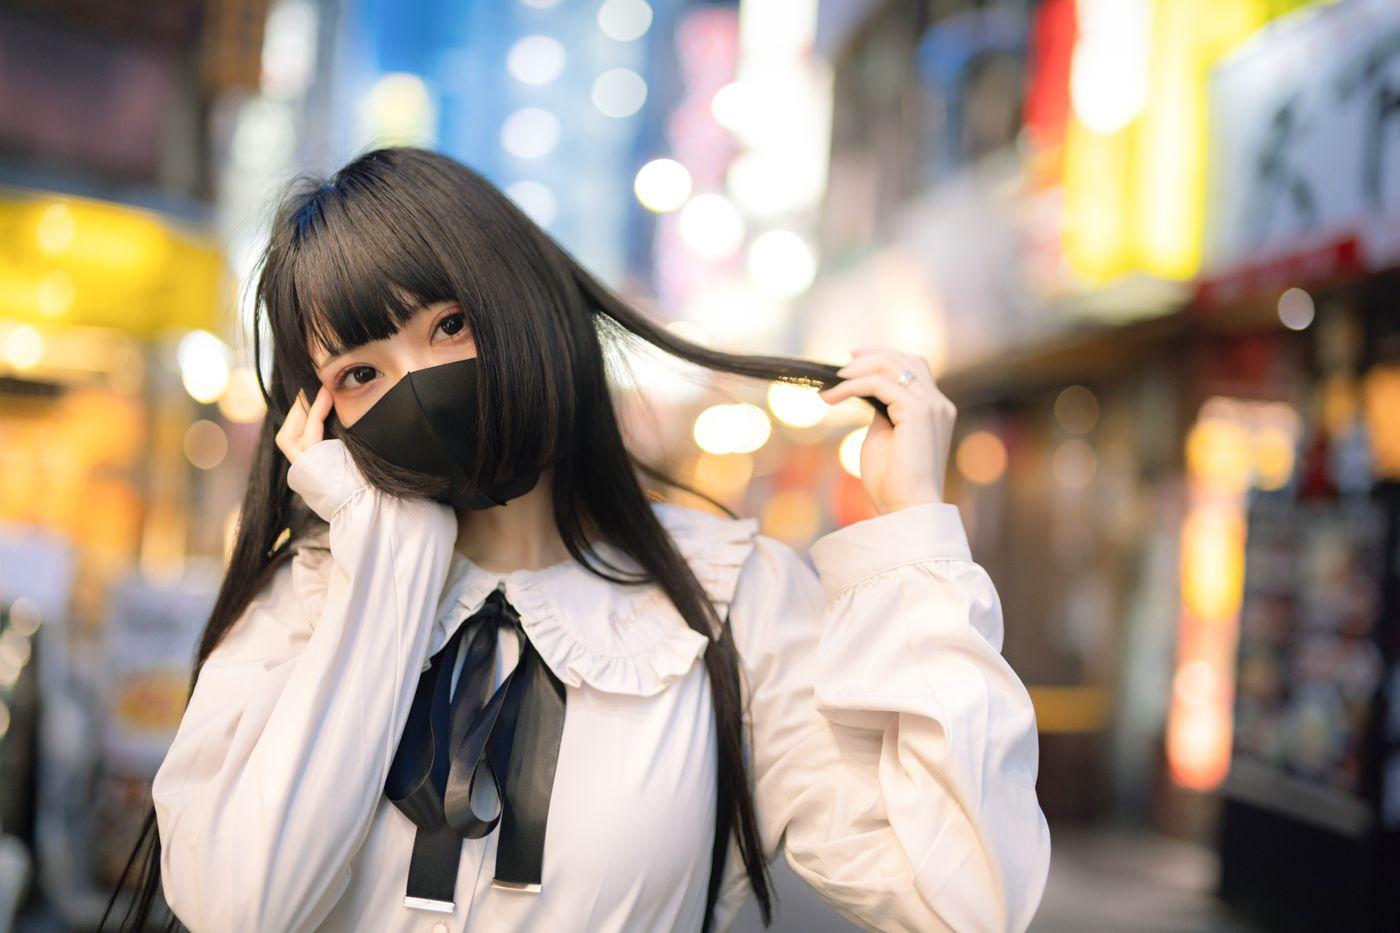 自意識の高い地雷系メイク女子の写真